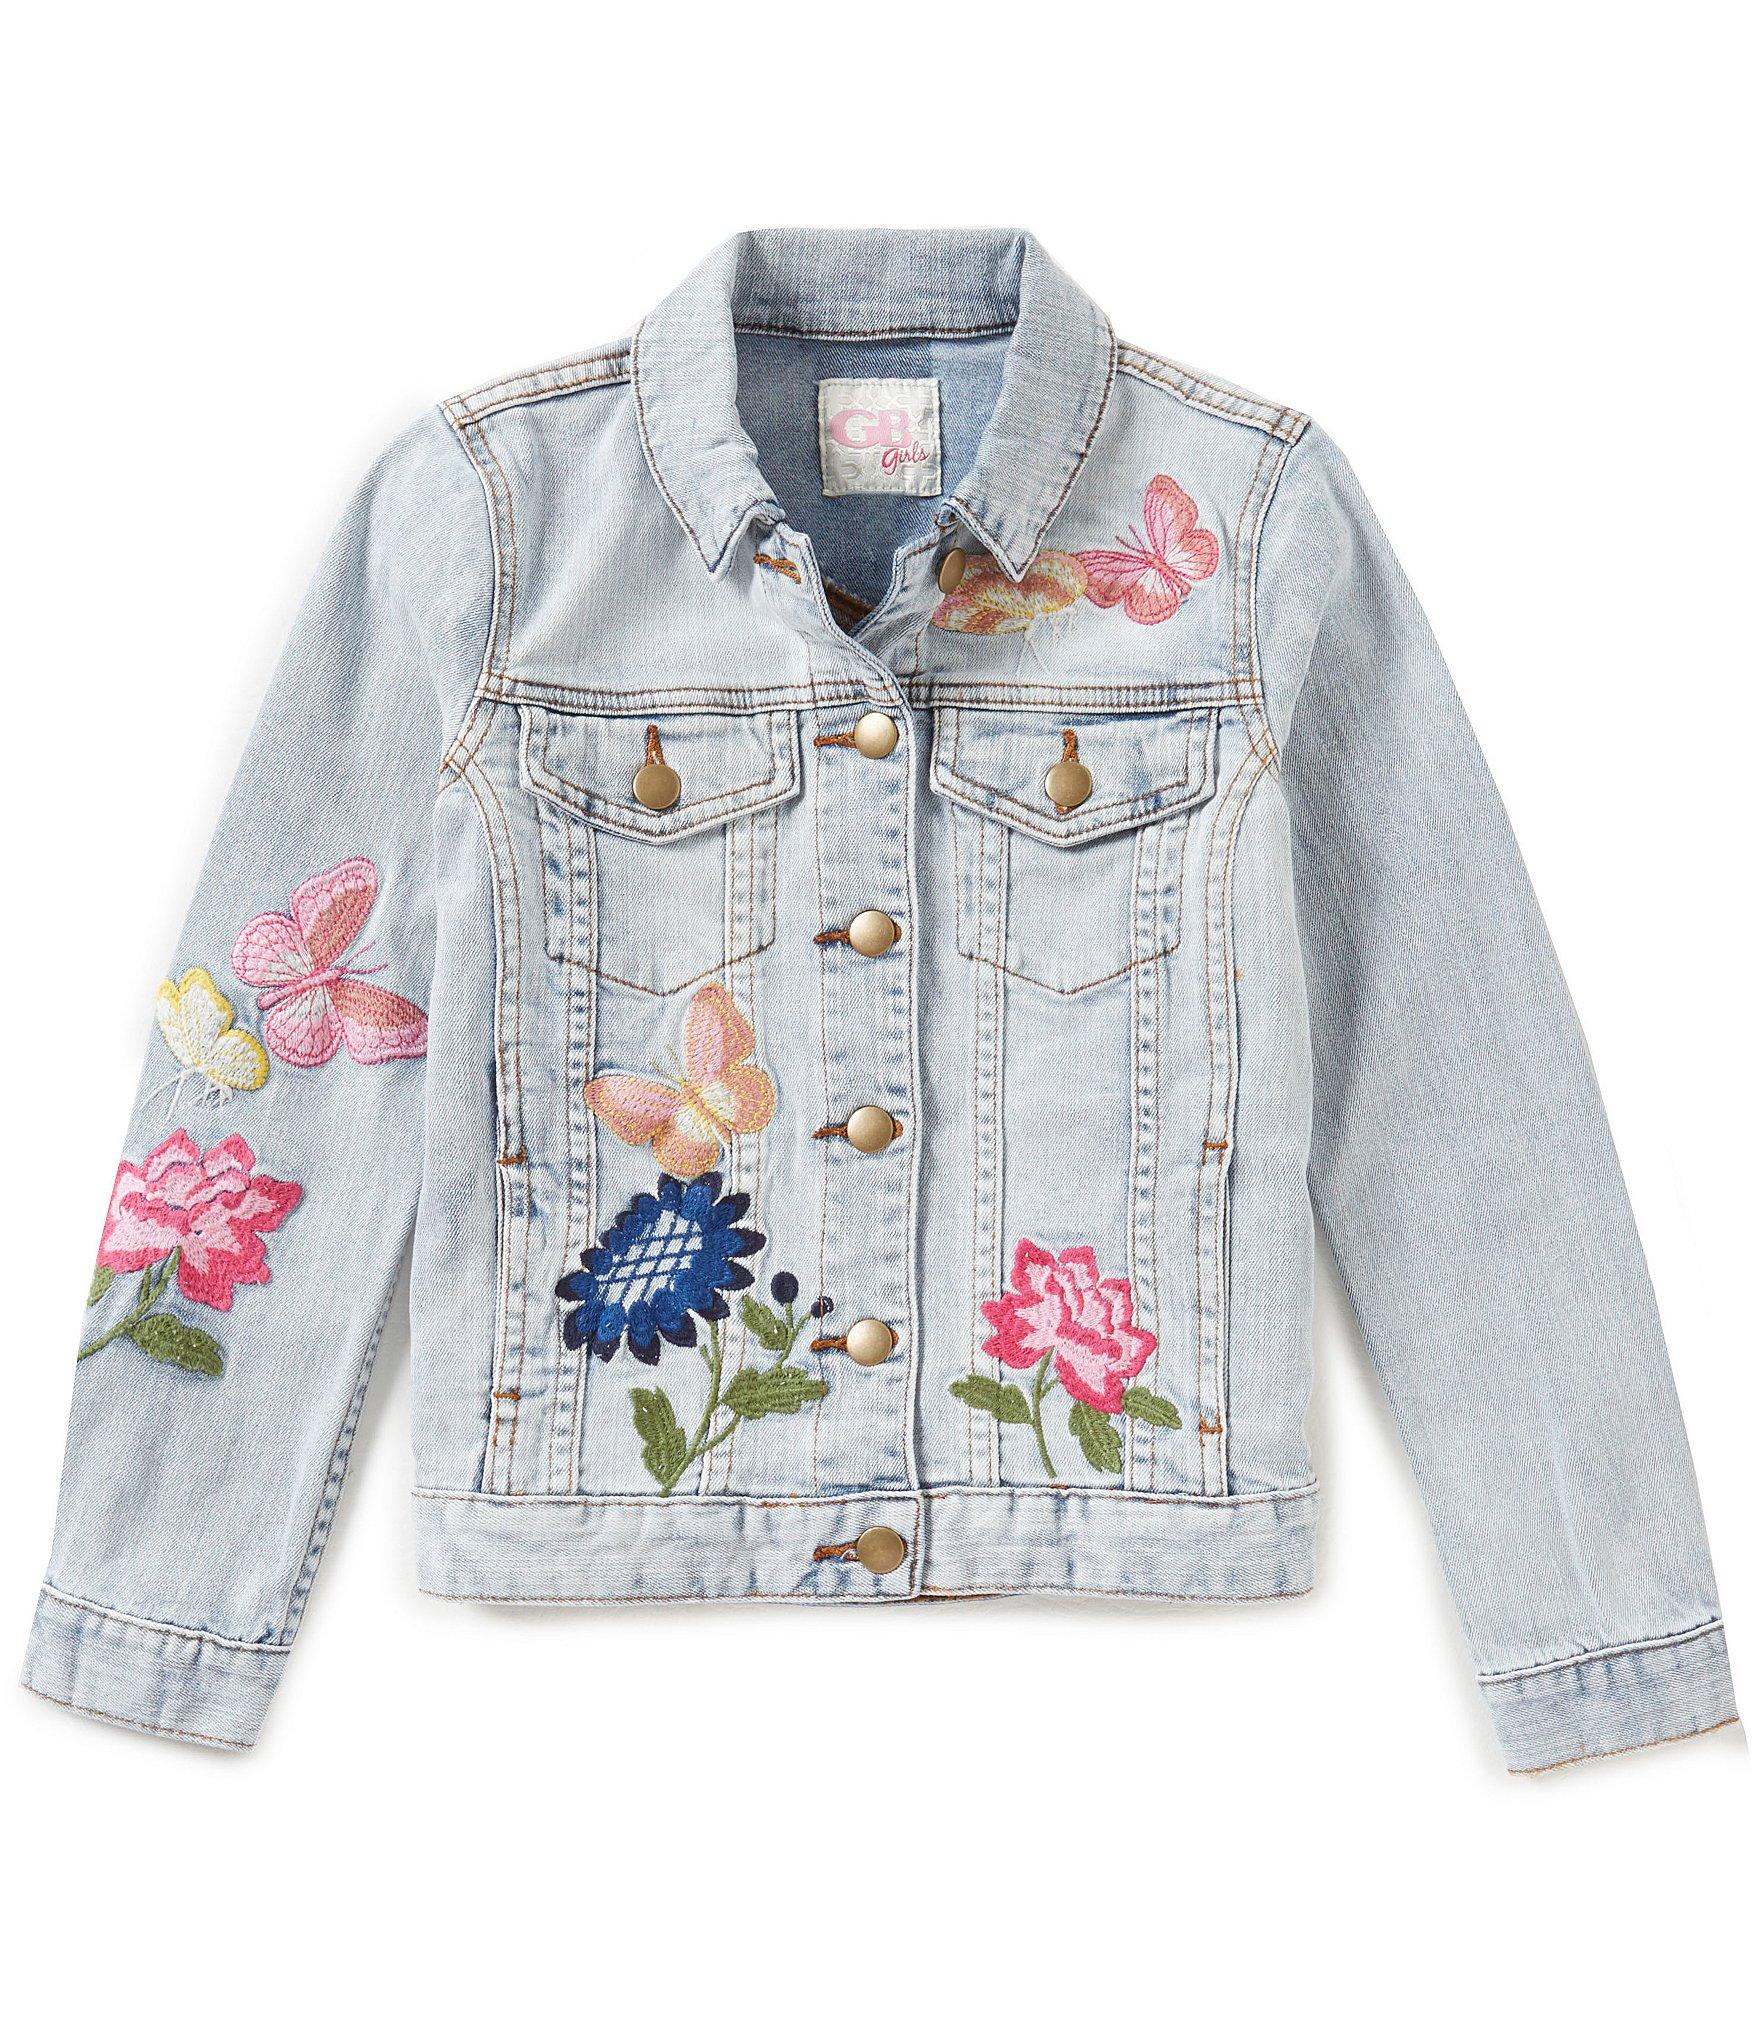 Gb girls big floral embroidered denim jacket